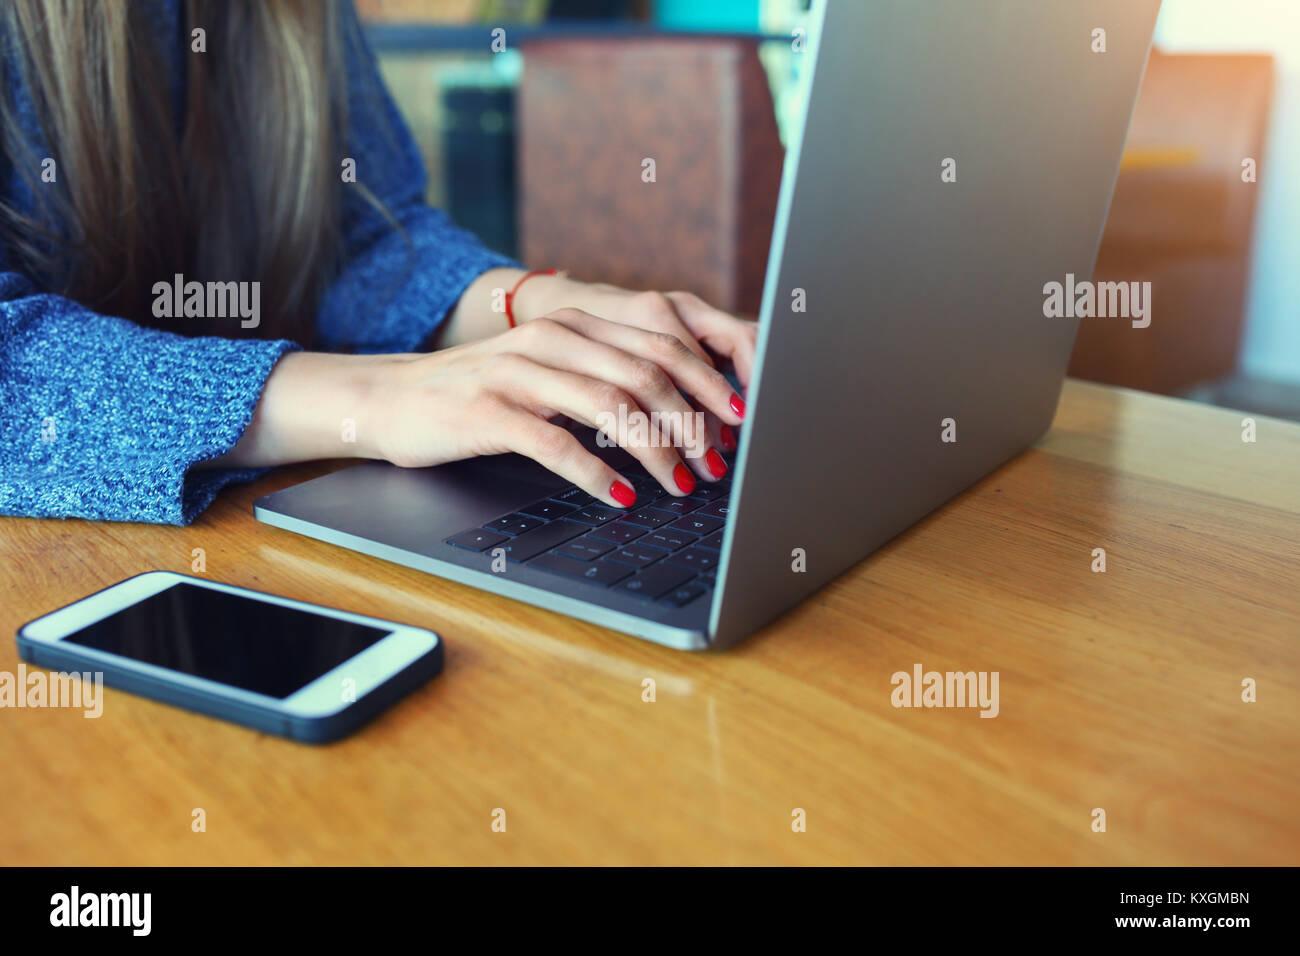 Nahaufnahme von Frauen in Händen. Frau Arbeiten am Laptop in ein Cafe. Junge Frau an einem Tisch sitzen mit Stockbild